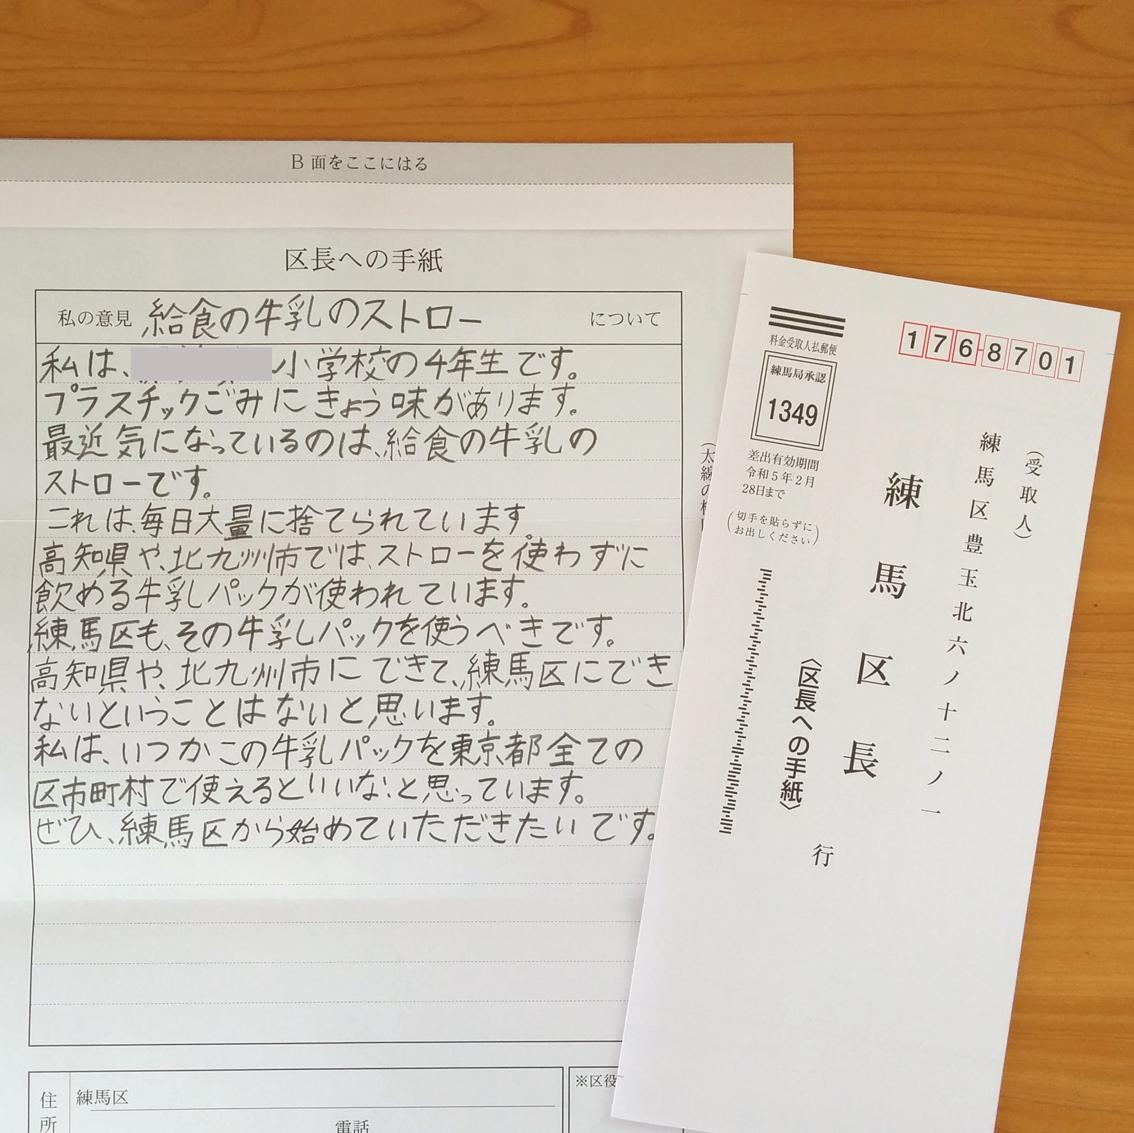 f:id:haruya-oyako:20210729143158j:plain